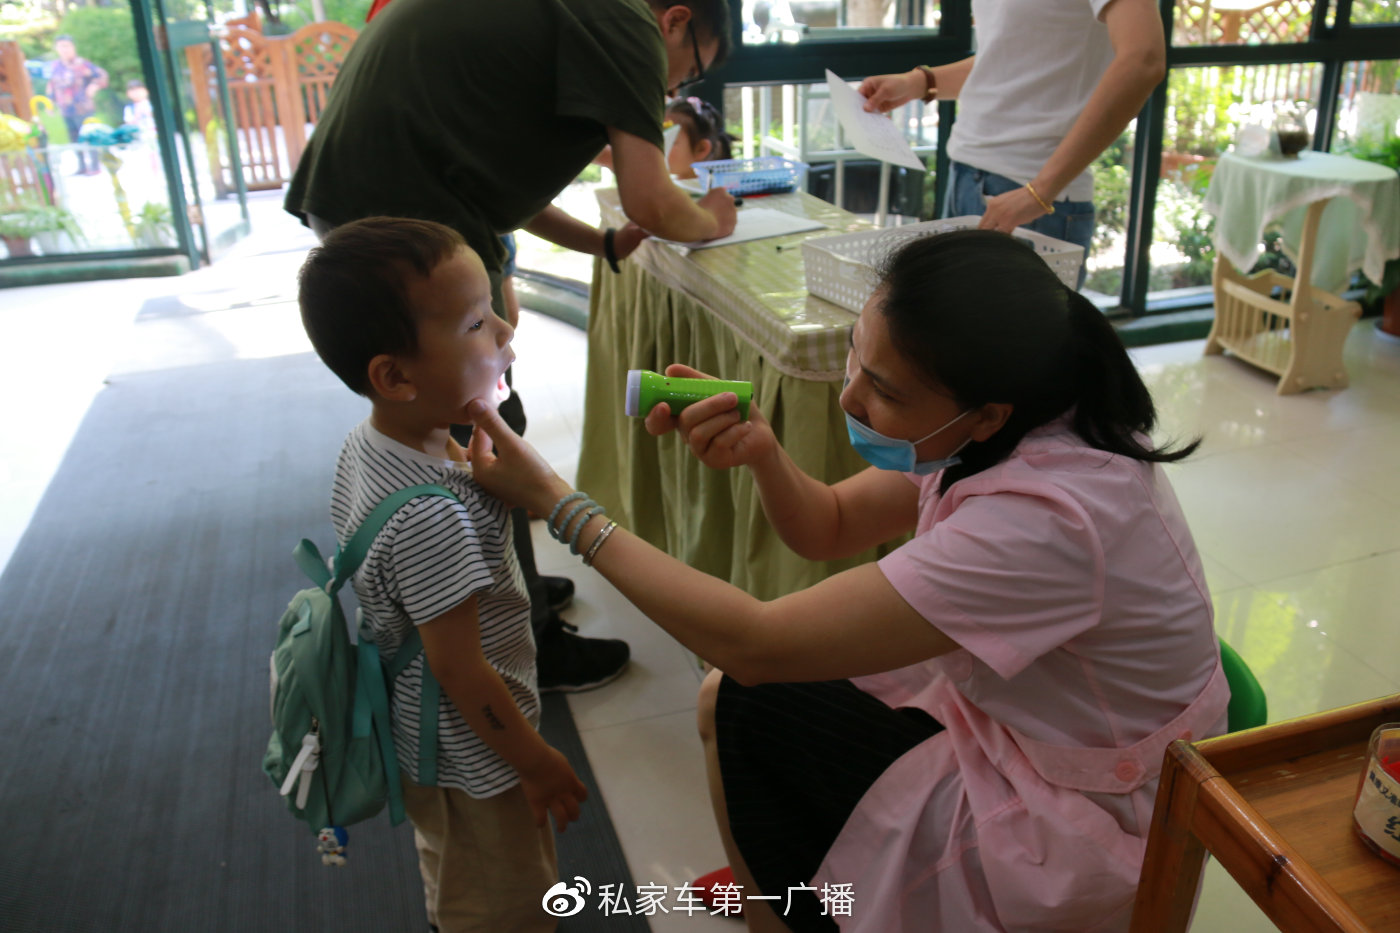 健康对于宝宝们非常重要,做好传染病检查和预防是老师重要的工作。宝贝们,闯关游戏开